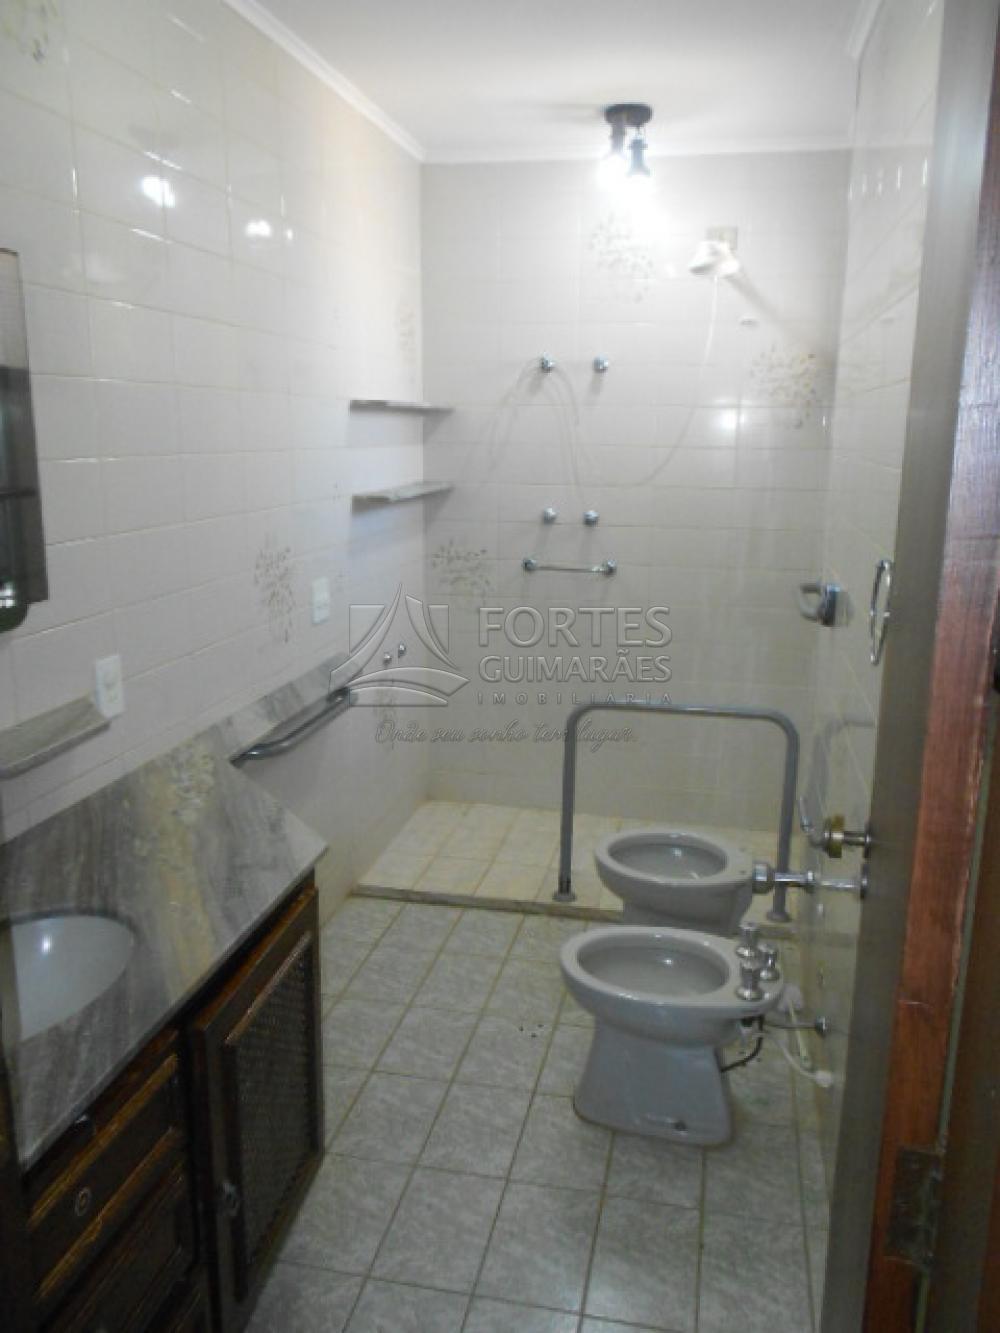 Alugar Apartamentos / Padrão em Ribeirão Preto apenas R$ 1.250,00 - Foto 42